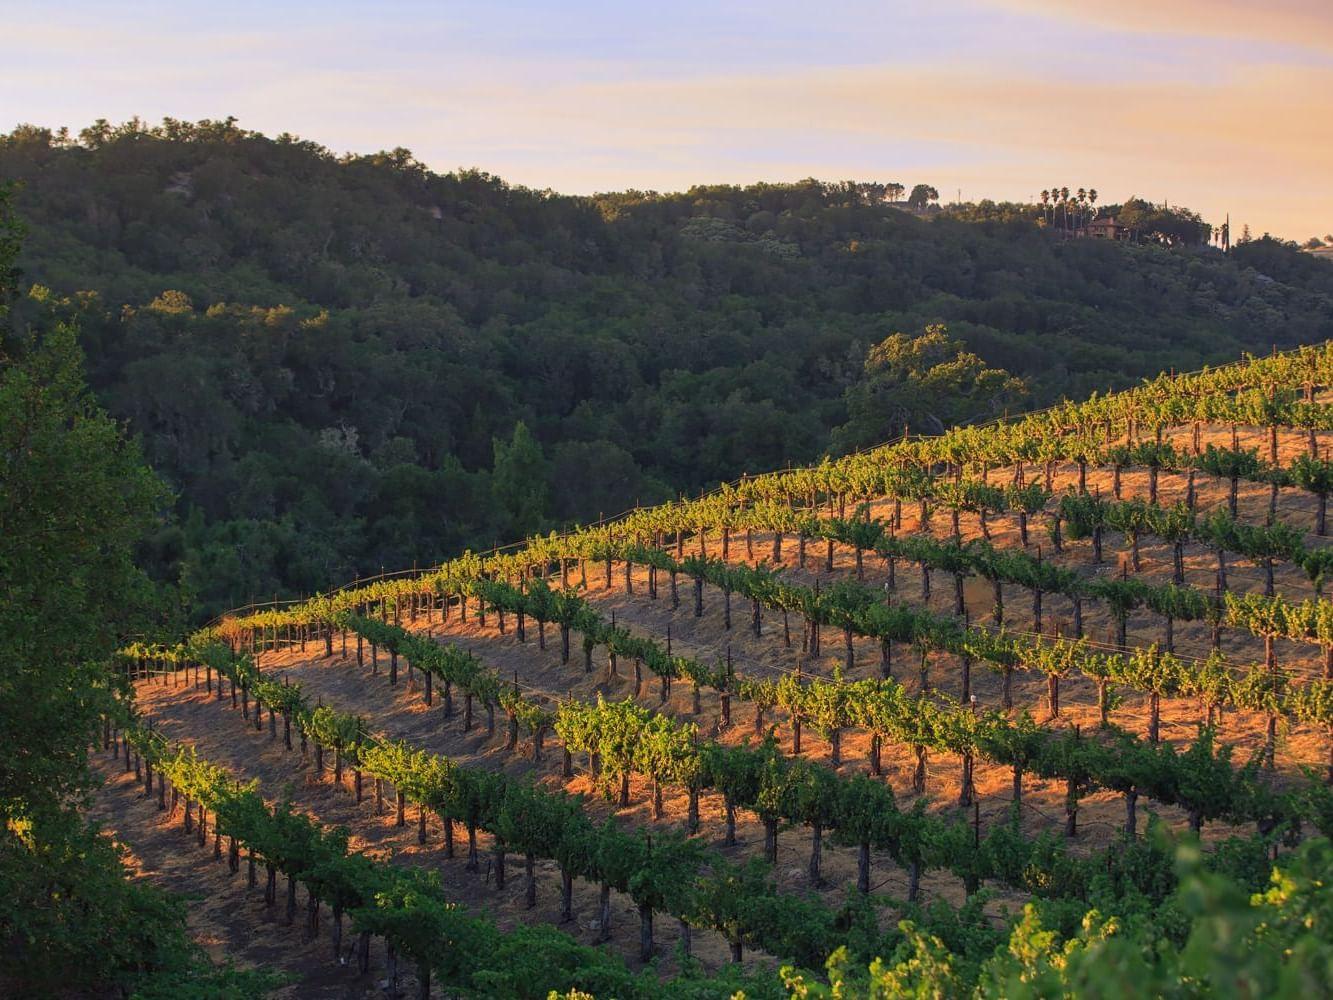 Allegretto Vineyard at sunset